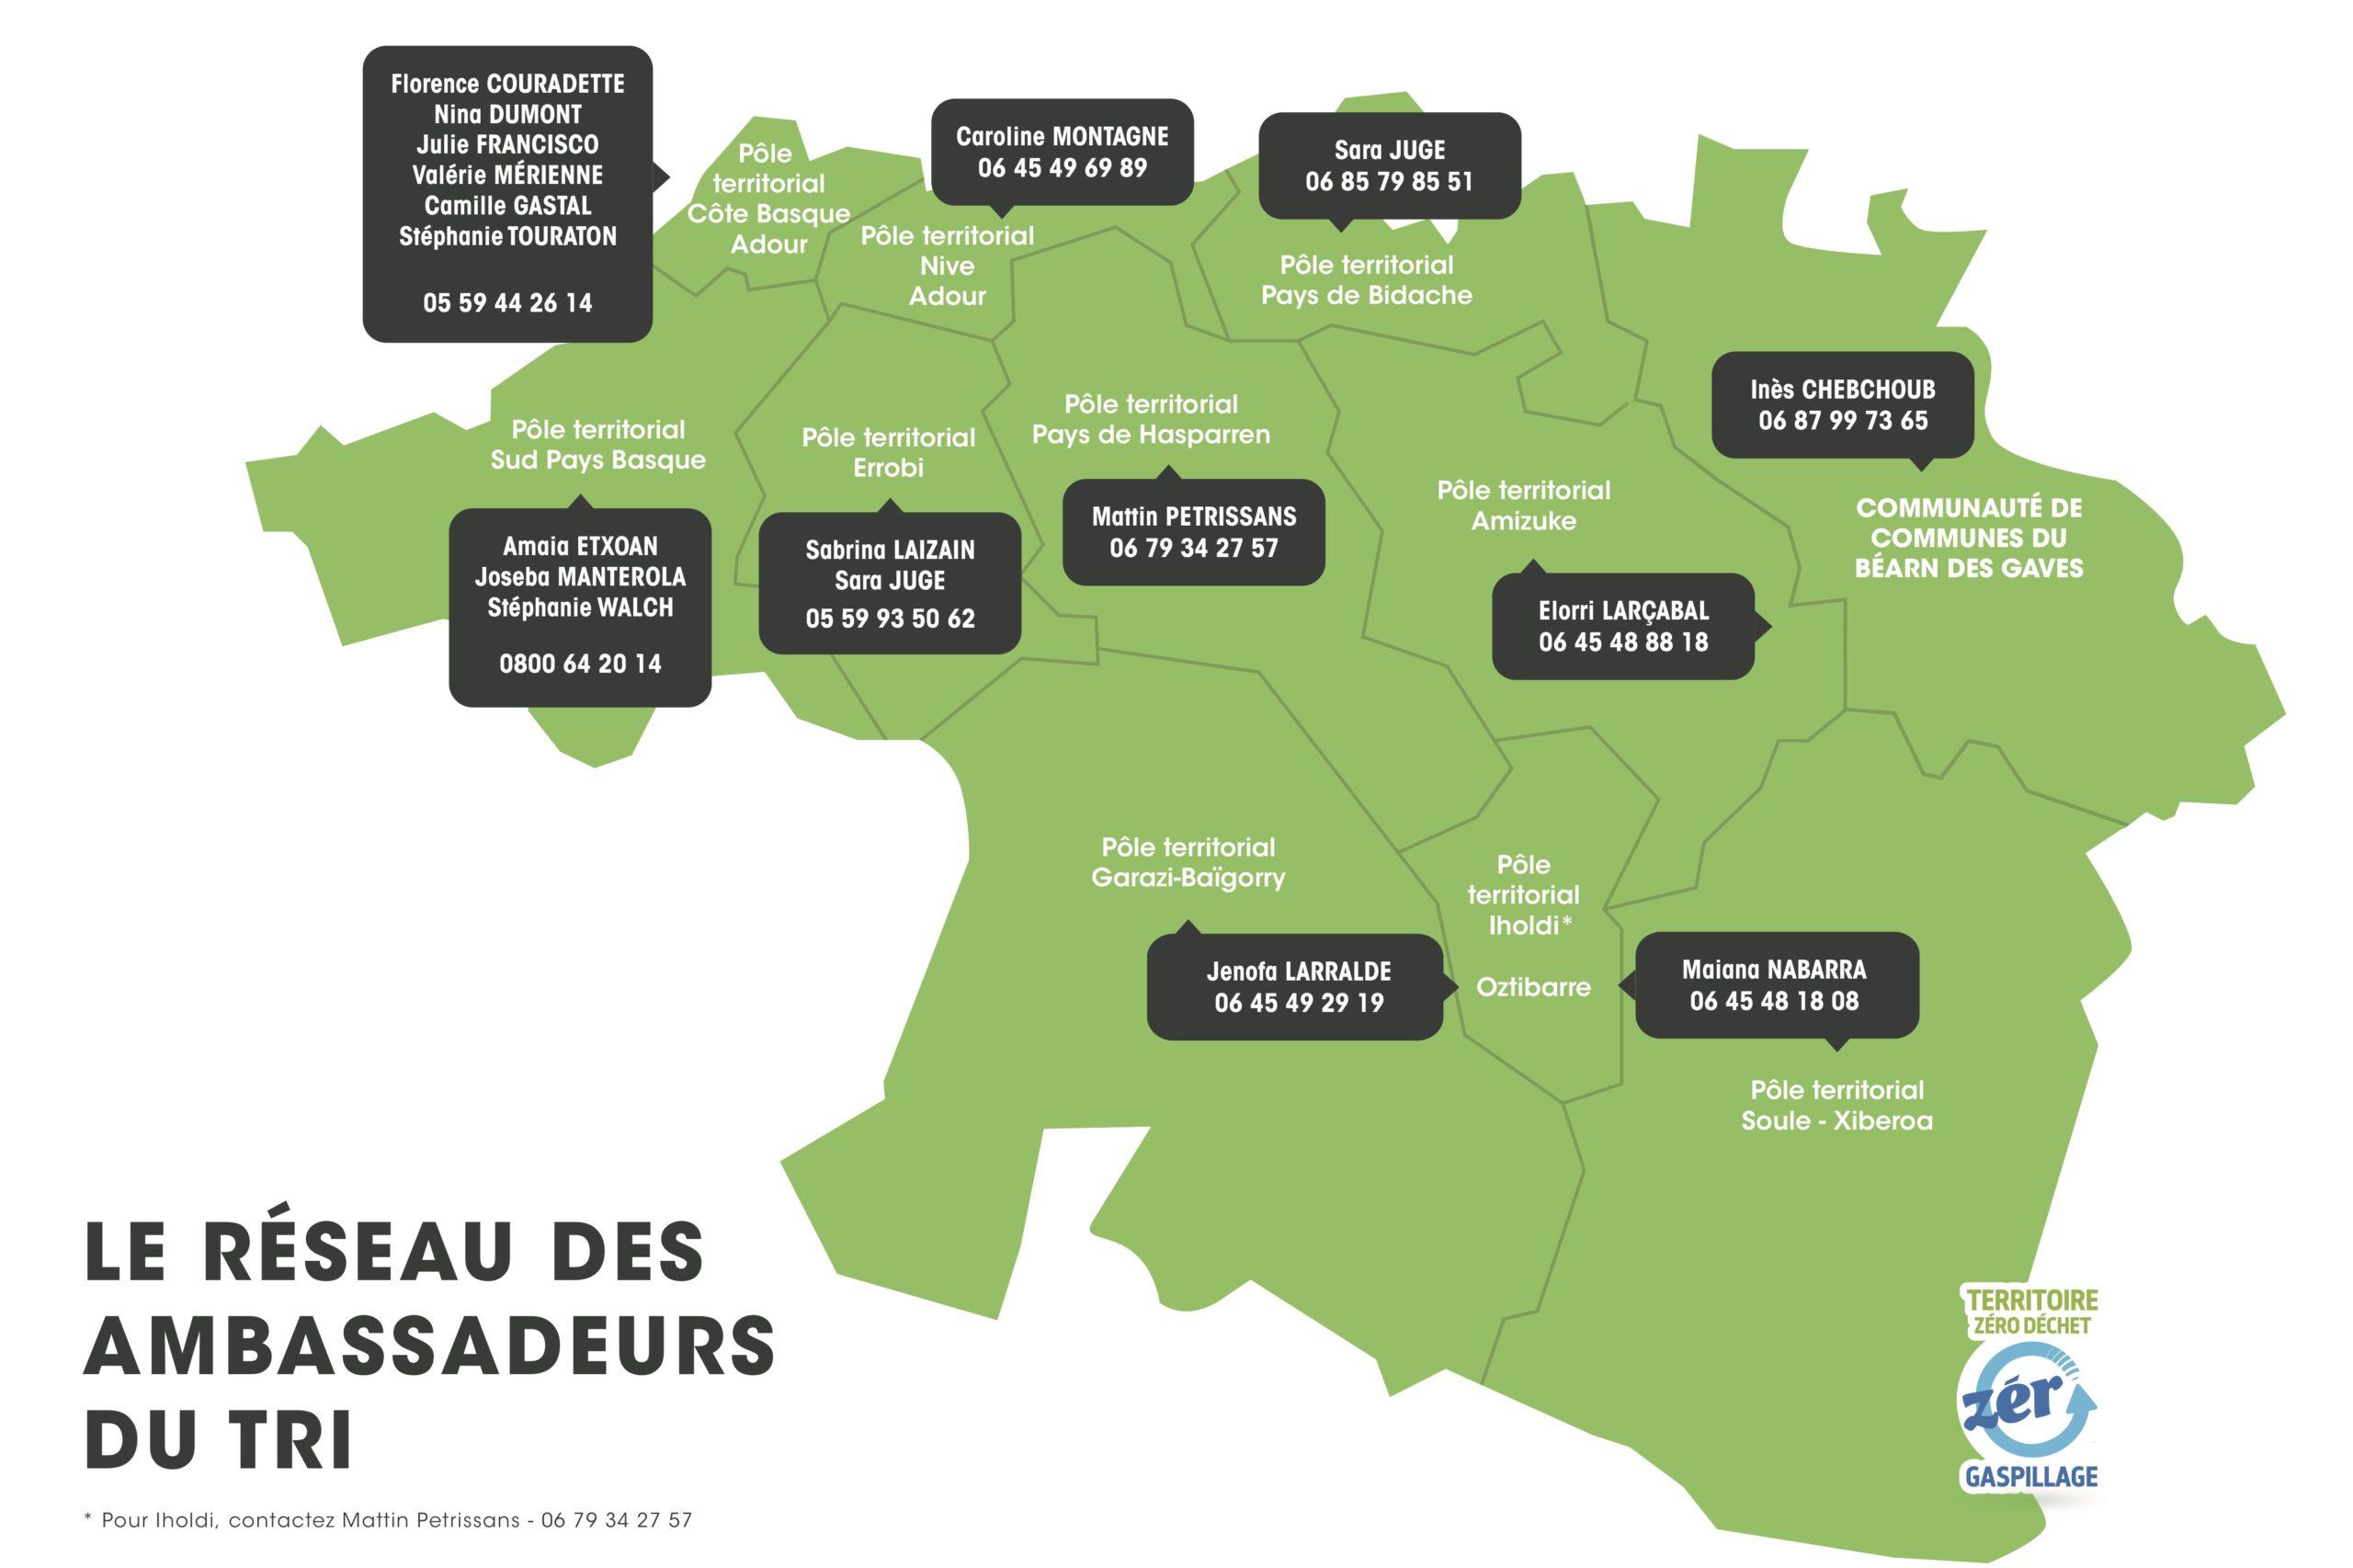 carte des ambassadeurs du tri suivre le lien 'Ambassadeurs du tri'